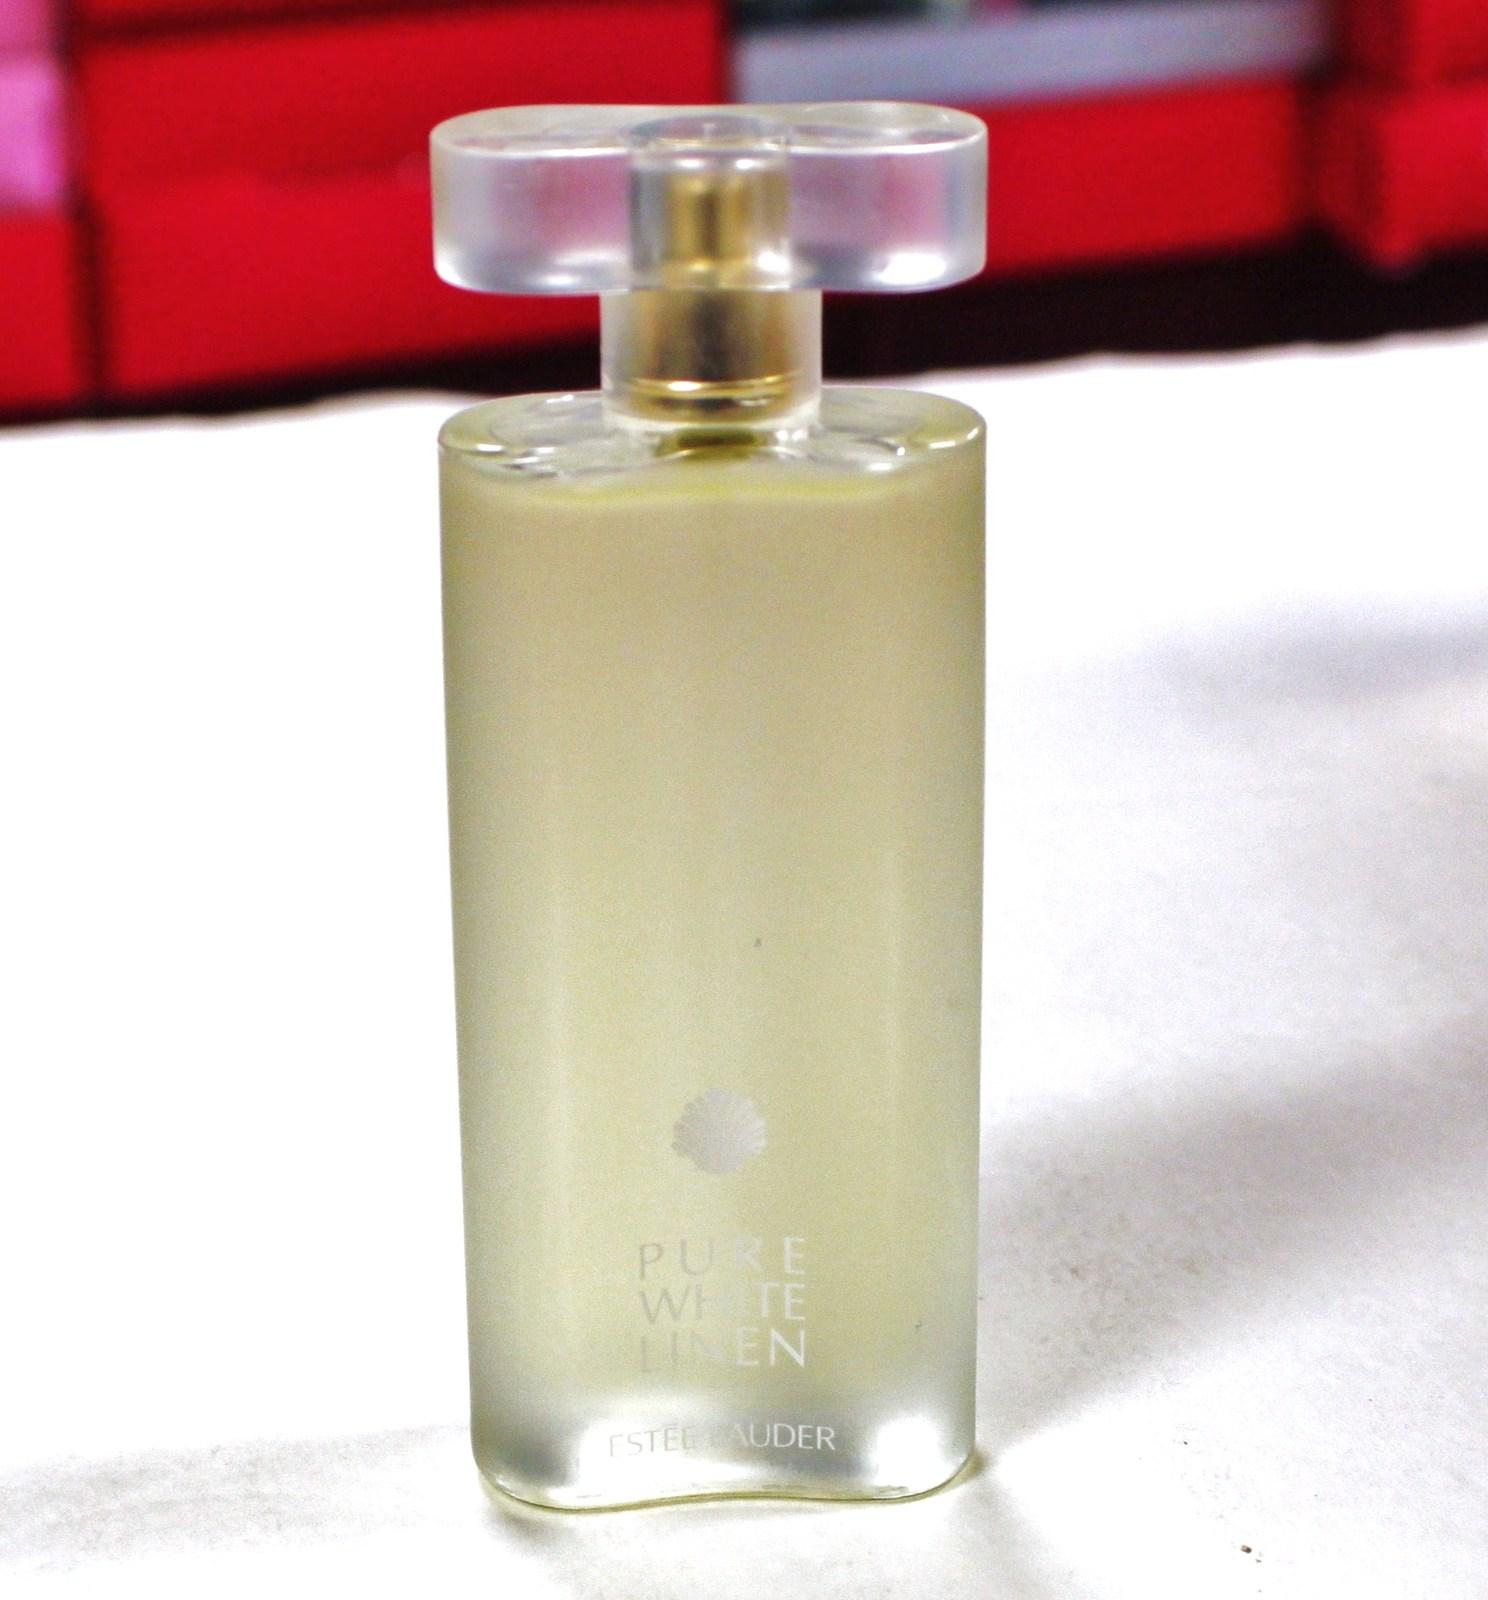 1627f65239f9 L white linen pure 17 unbox. L white linen pure 17 unbox. Previous. Pure  White Linen Estee Lauder Women 1.7 fl.oz   50 ml eau de parfum